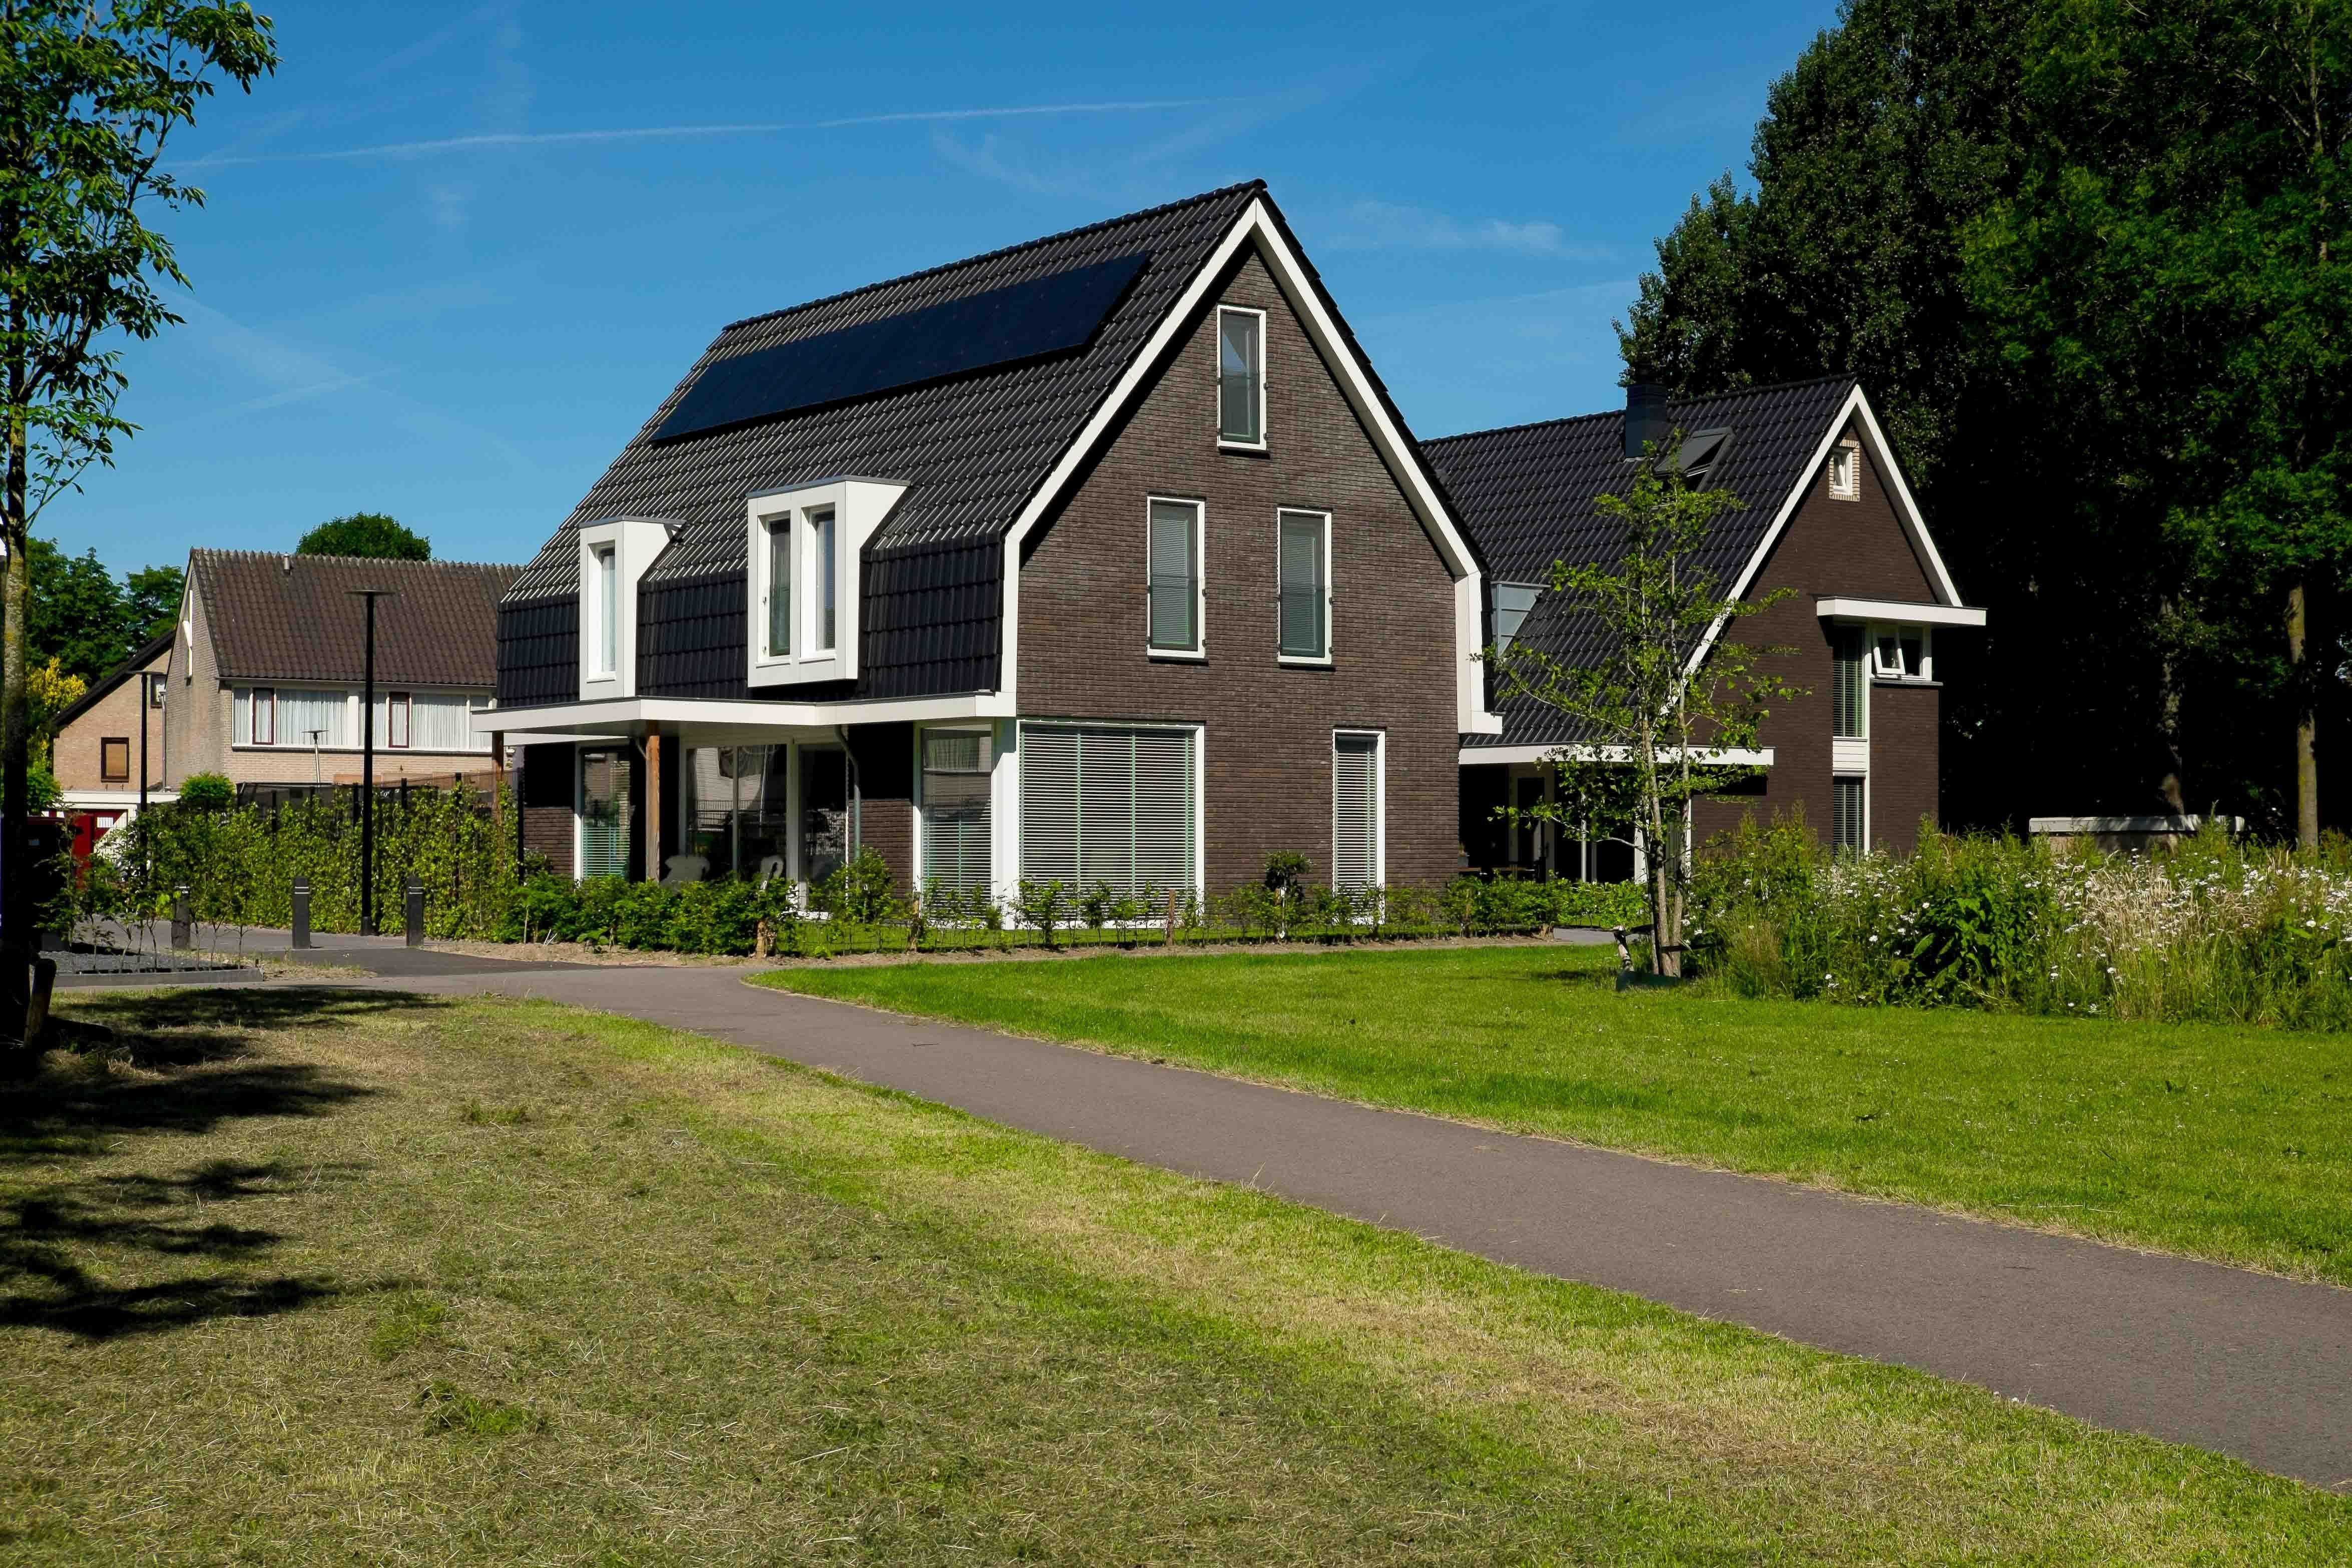 Vrijstaande woning met mansardedak met 'schietgaten' - Marten Buitengewoon Ontwerpen (www.martenontwerpt.nl)